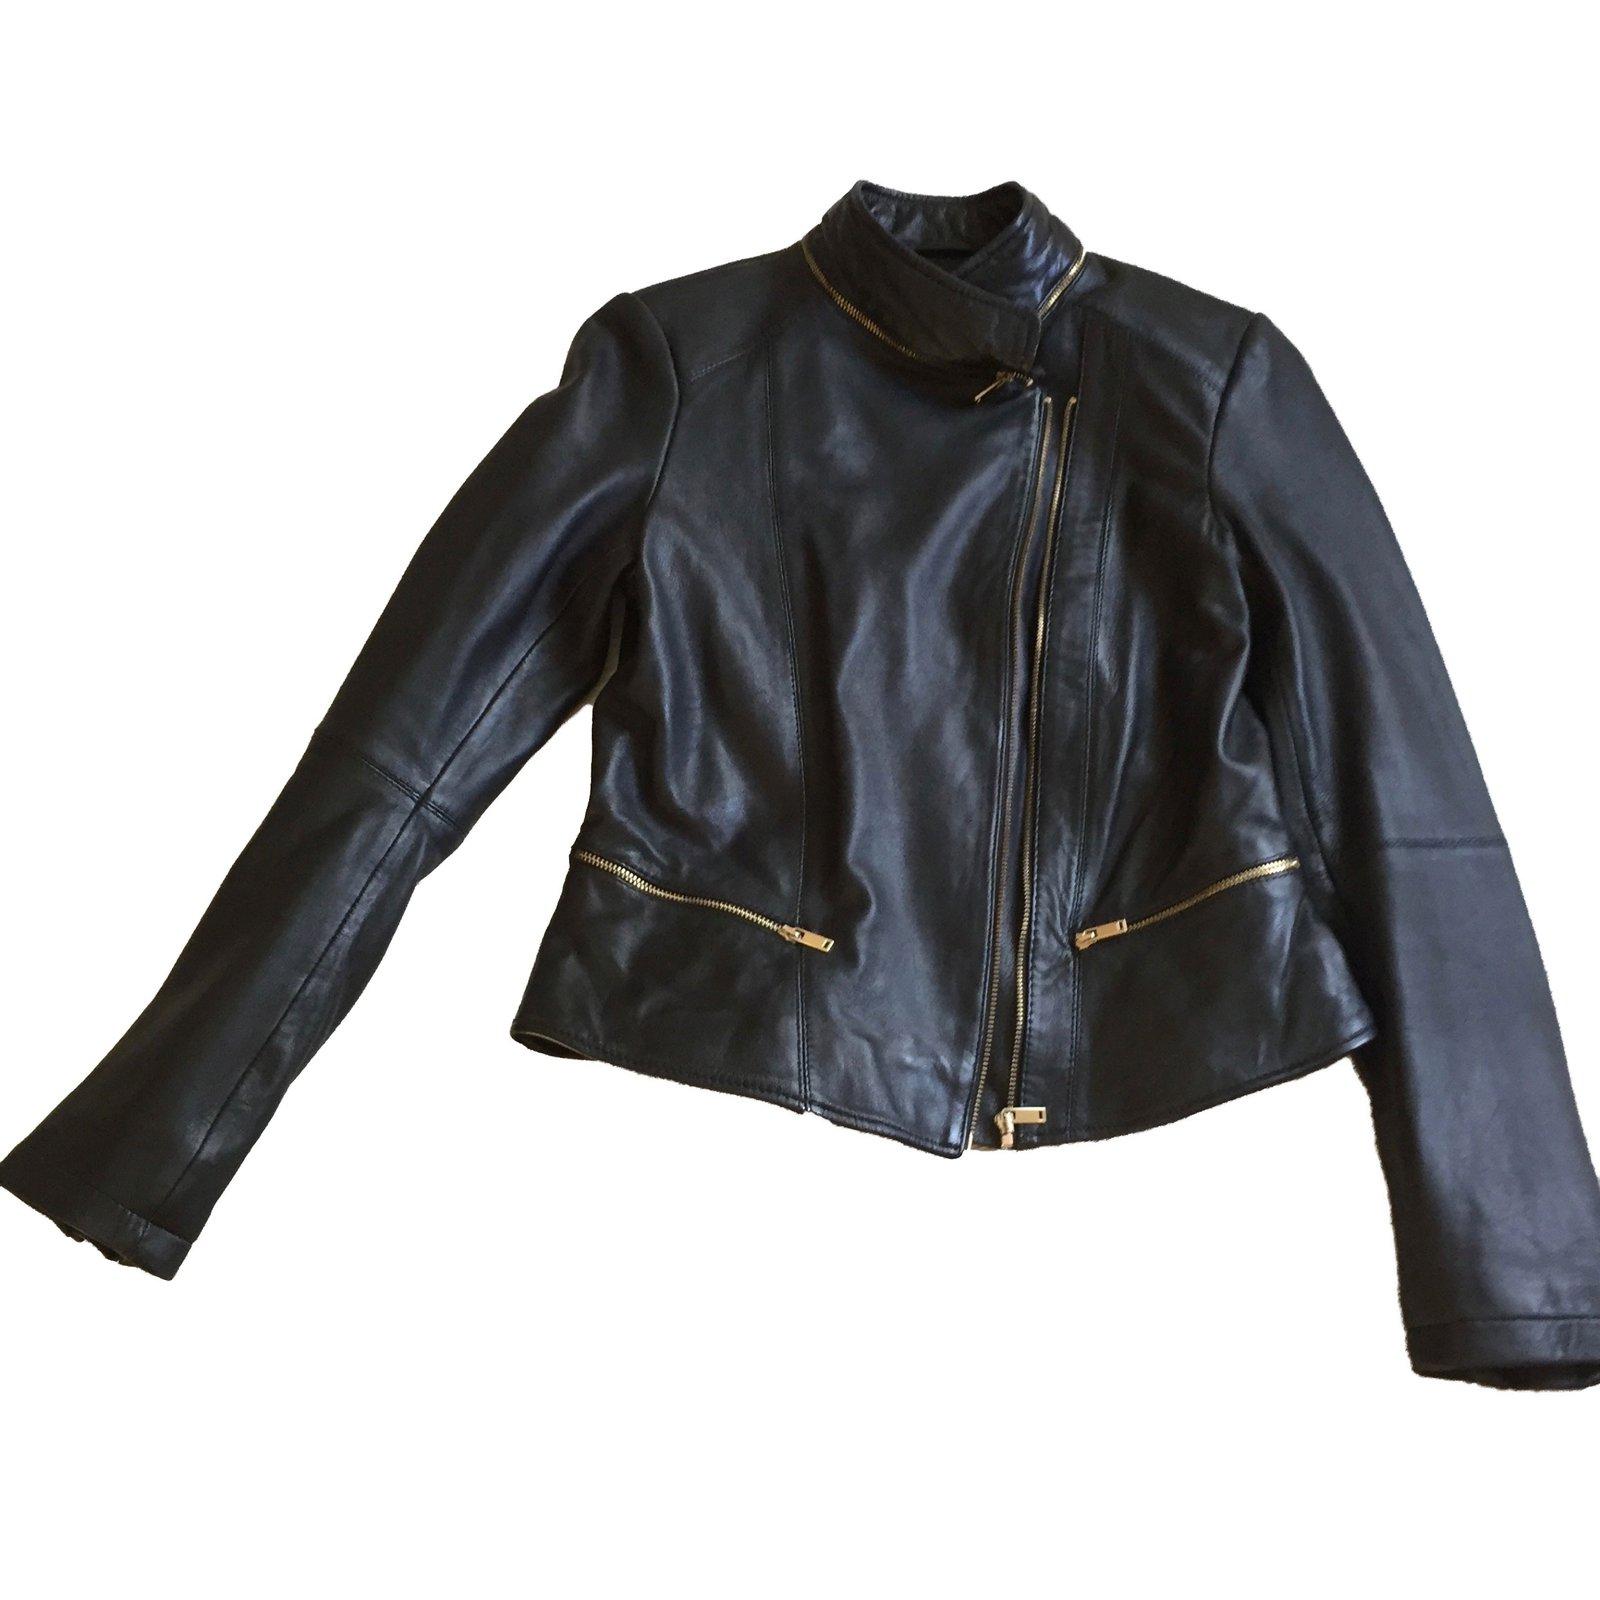 perfectos zara perfecto cuir noir joli closet. Black Bedroom Furniture Sets. Home Design Ideas